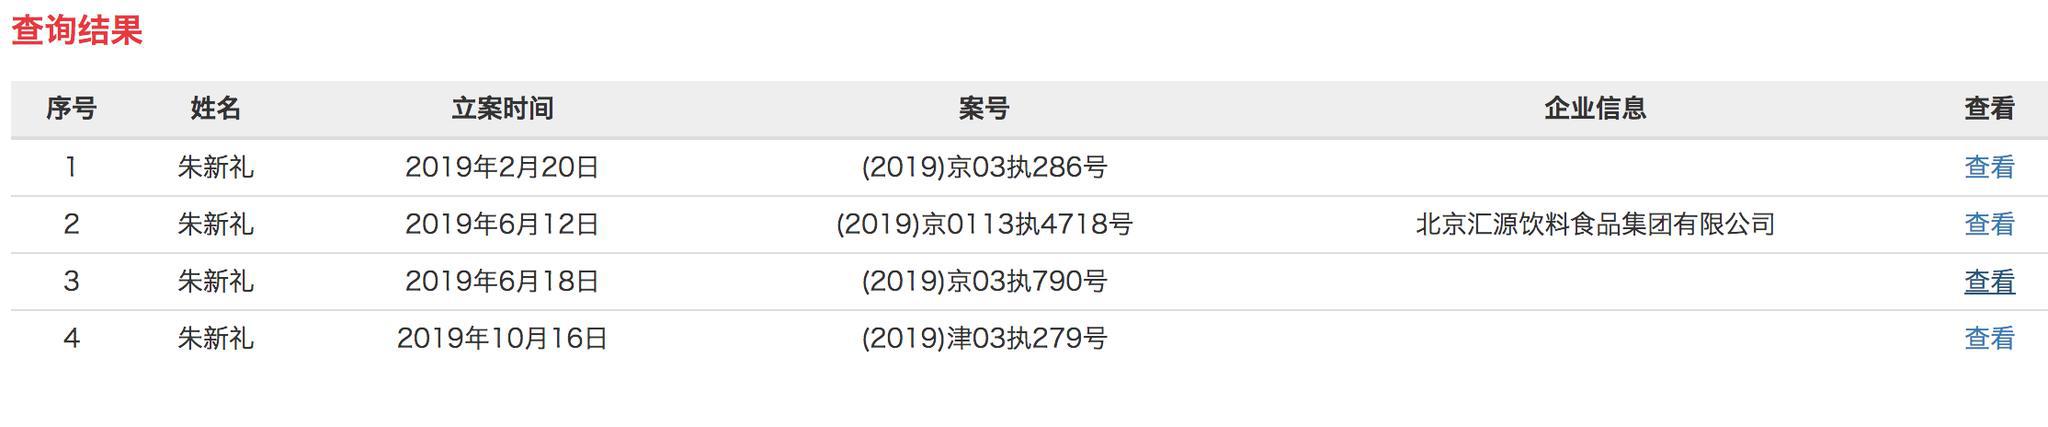 朱新礼旗下公司41亿财产被申请冻结 汇源面临退市